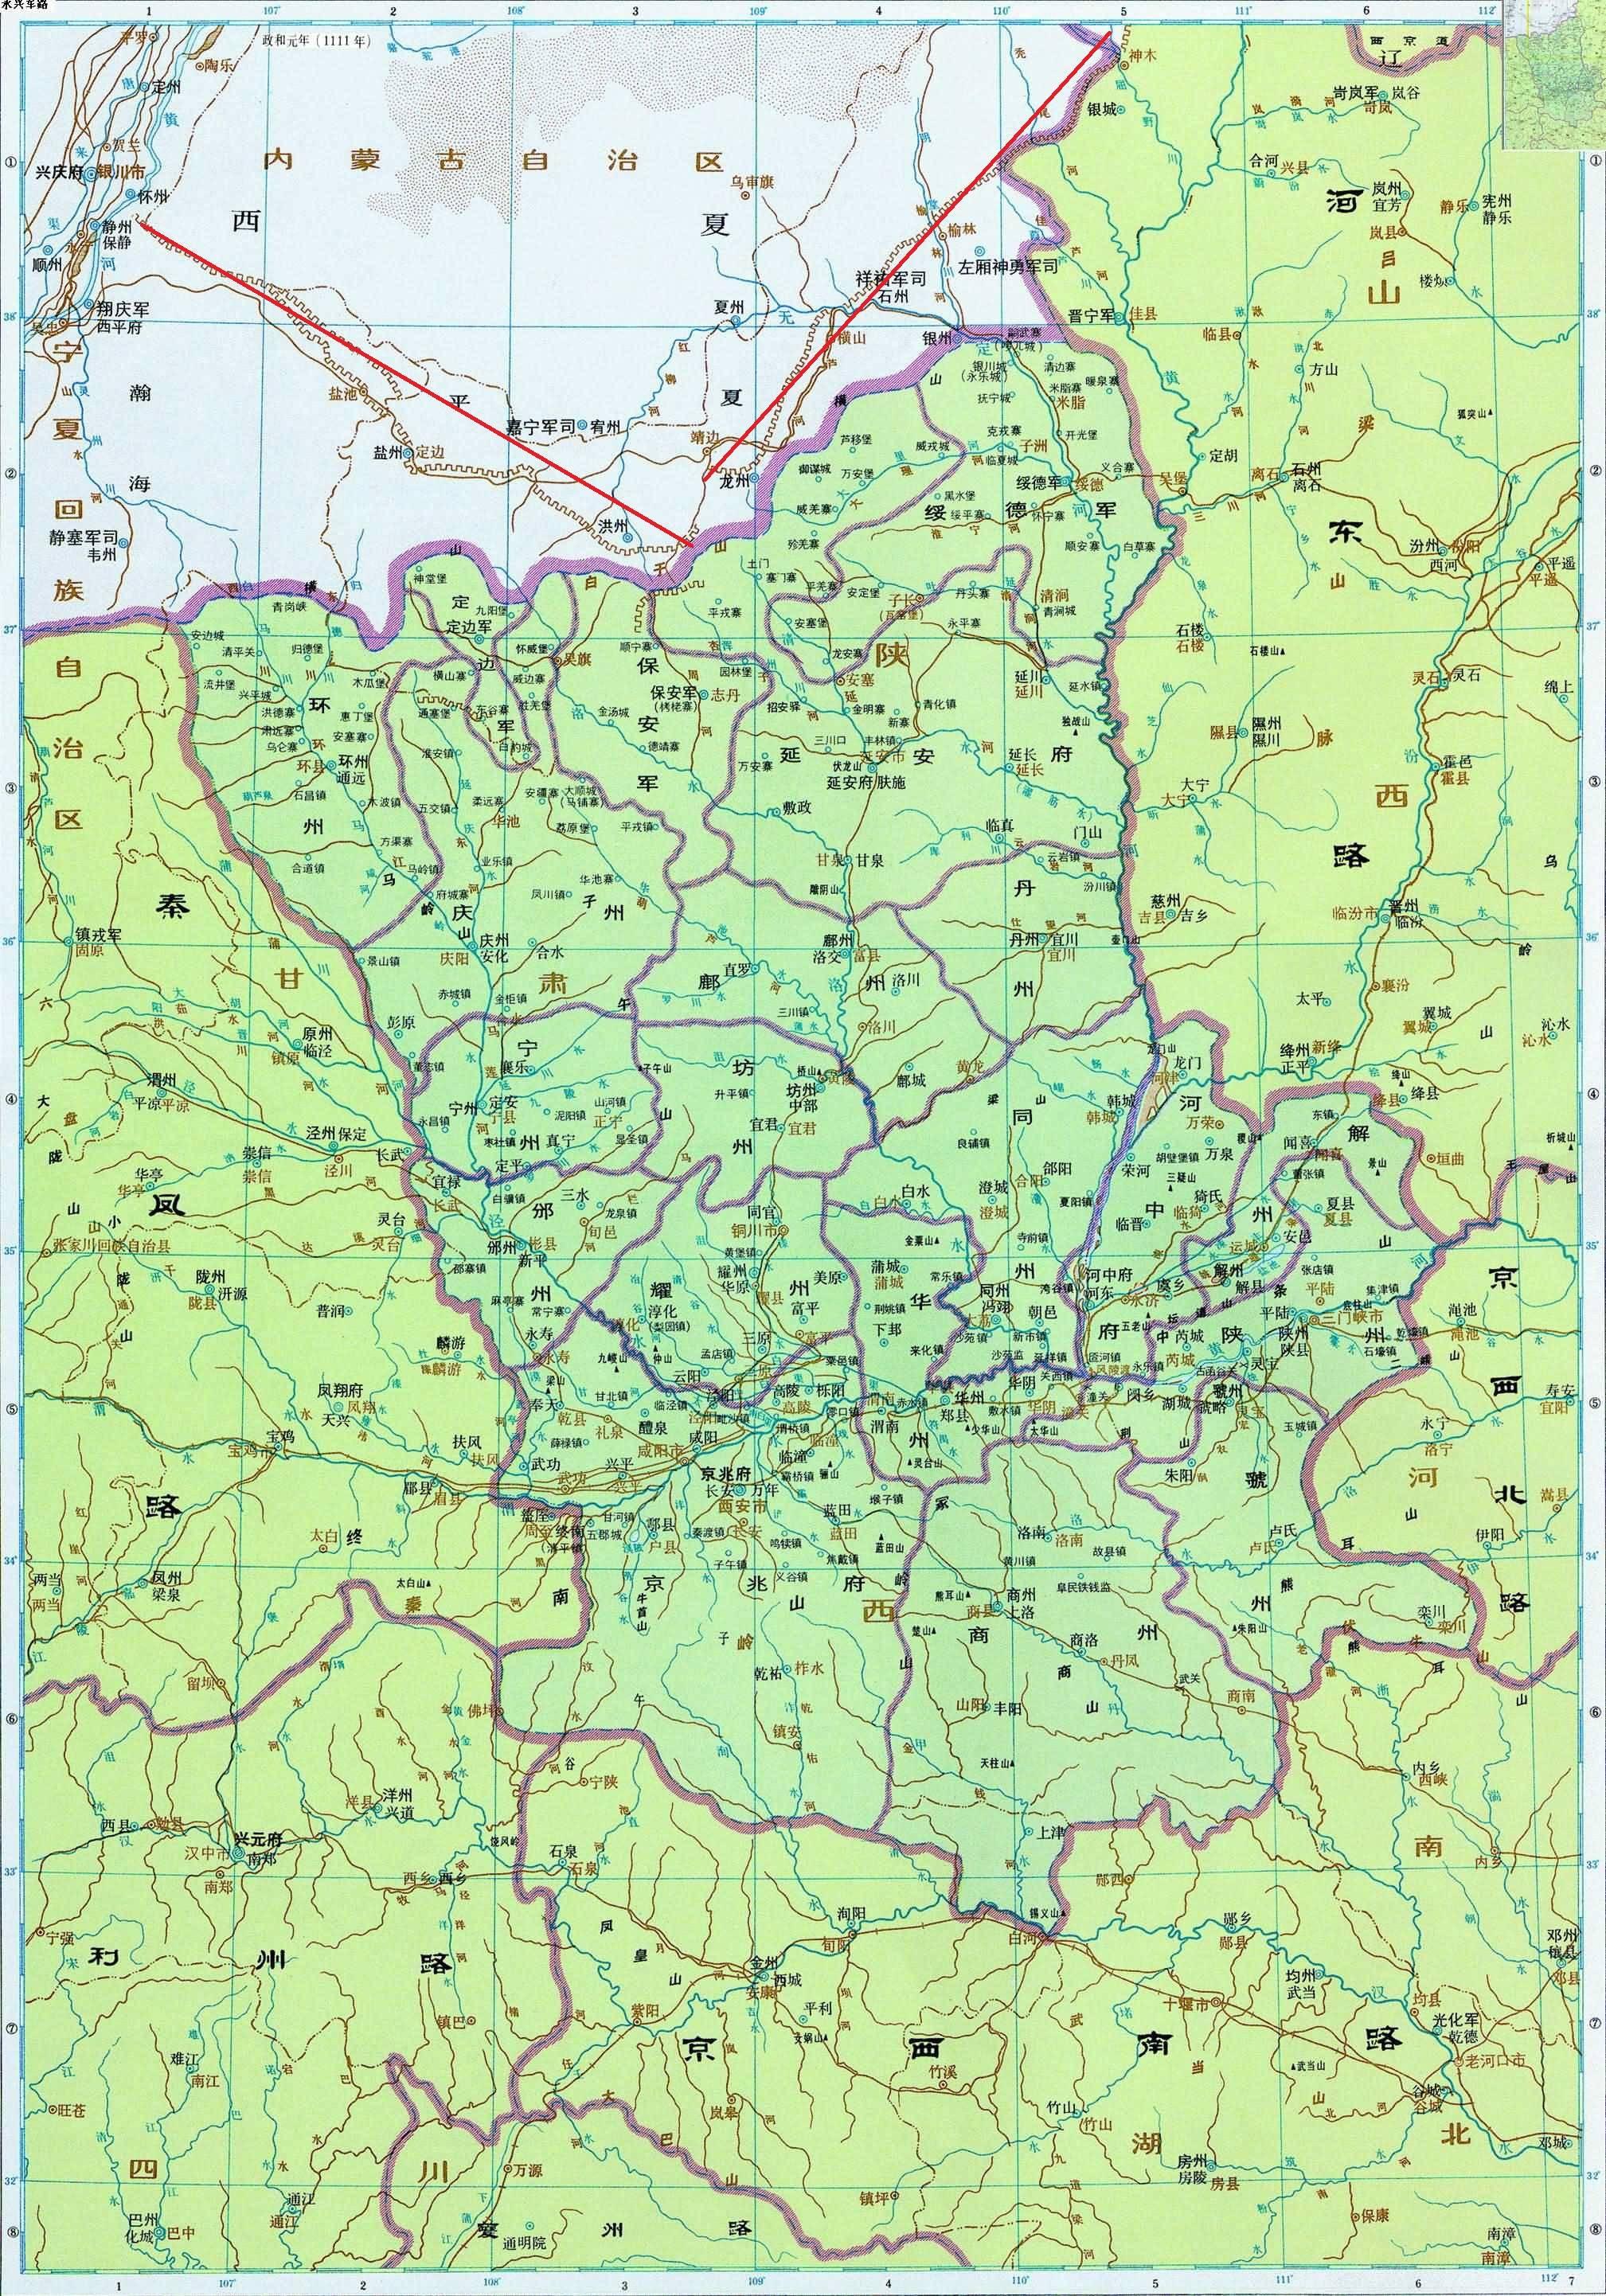 以上,是北宋,辽,西夏,大理王朝对峙地图(据谭其骧《中国历史地图集》